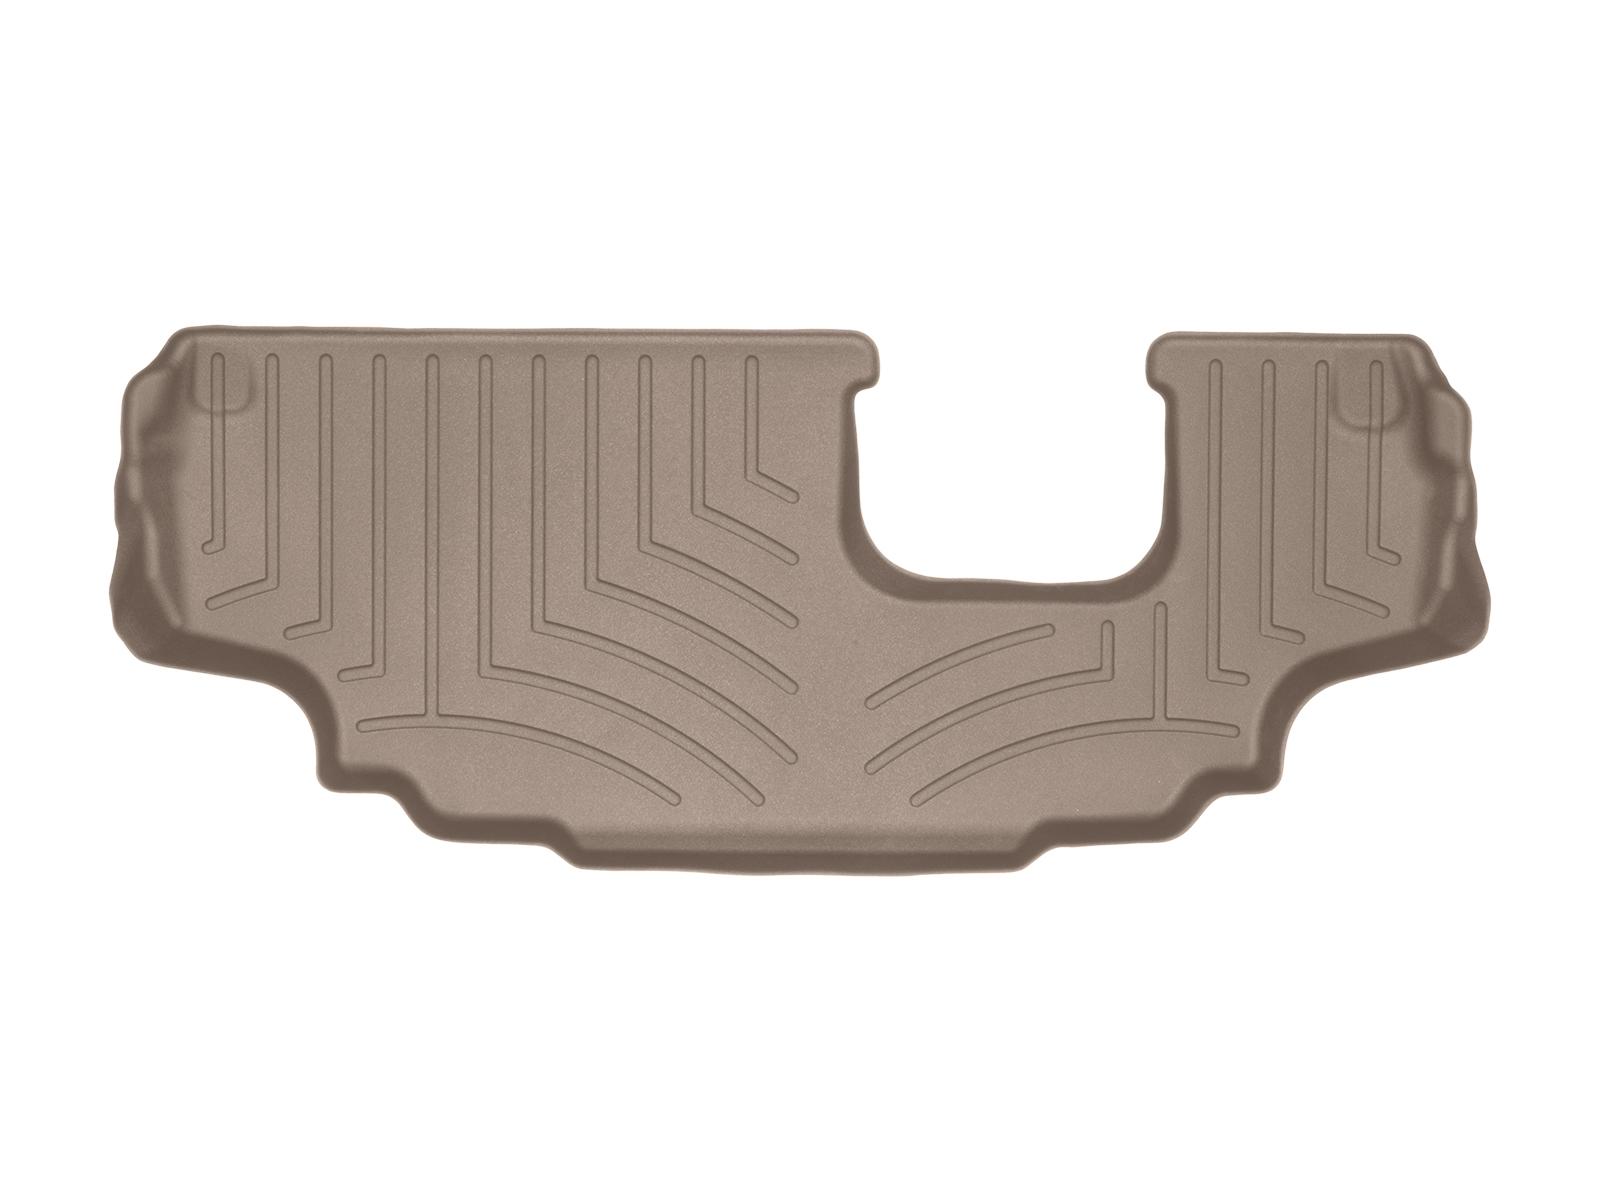 Tappeti gomma su misura bordo alto Land Rover 15>17 Marrone A2001